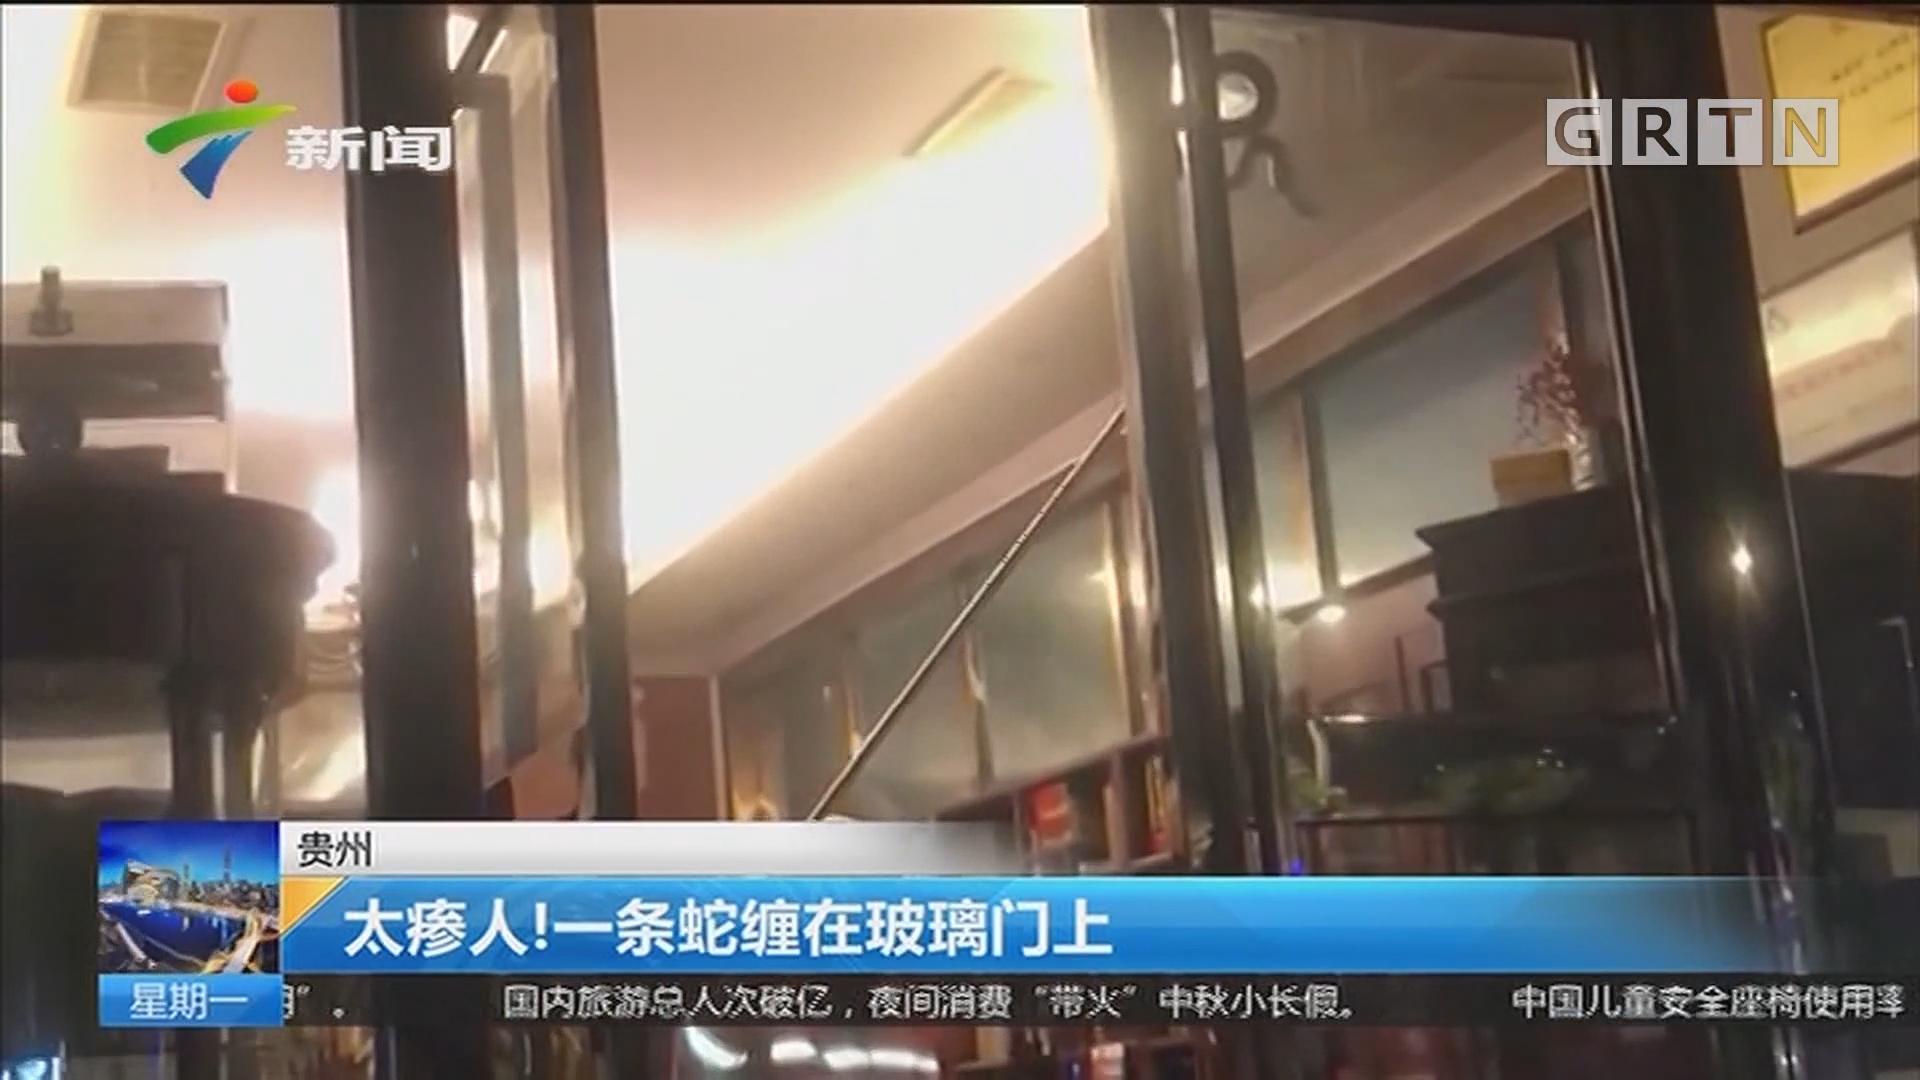 贵州:太瘆人!一条蛇缠在玻璃门上